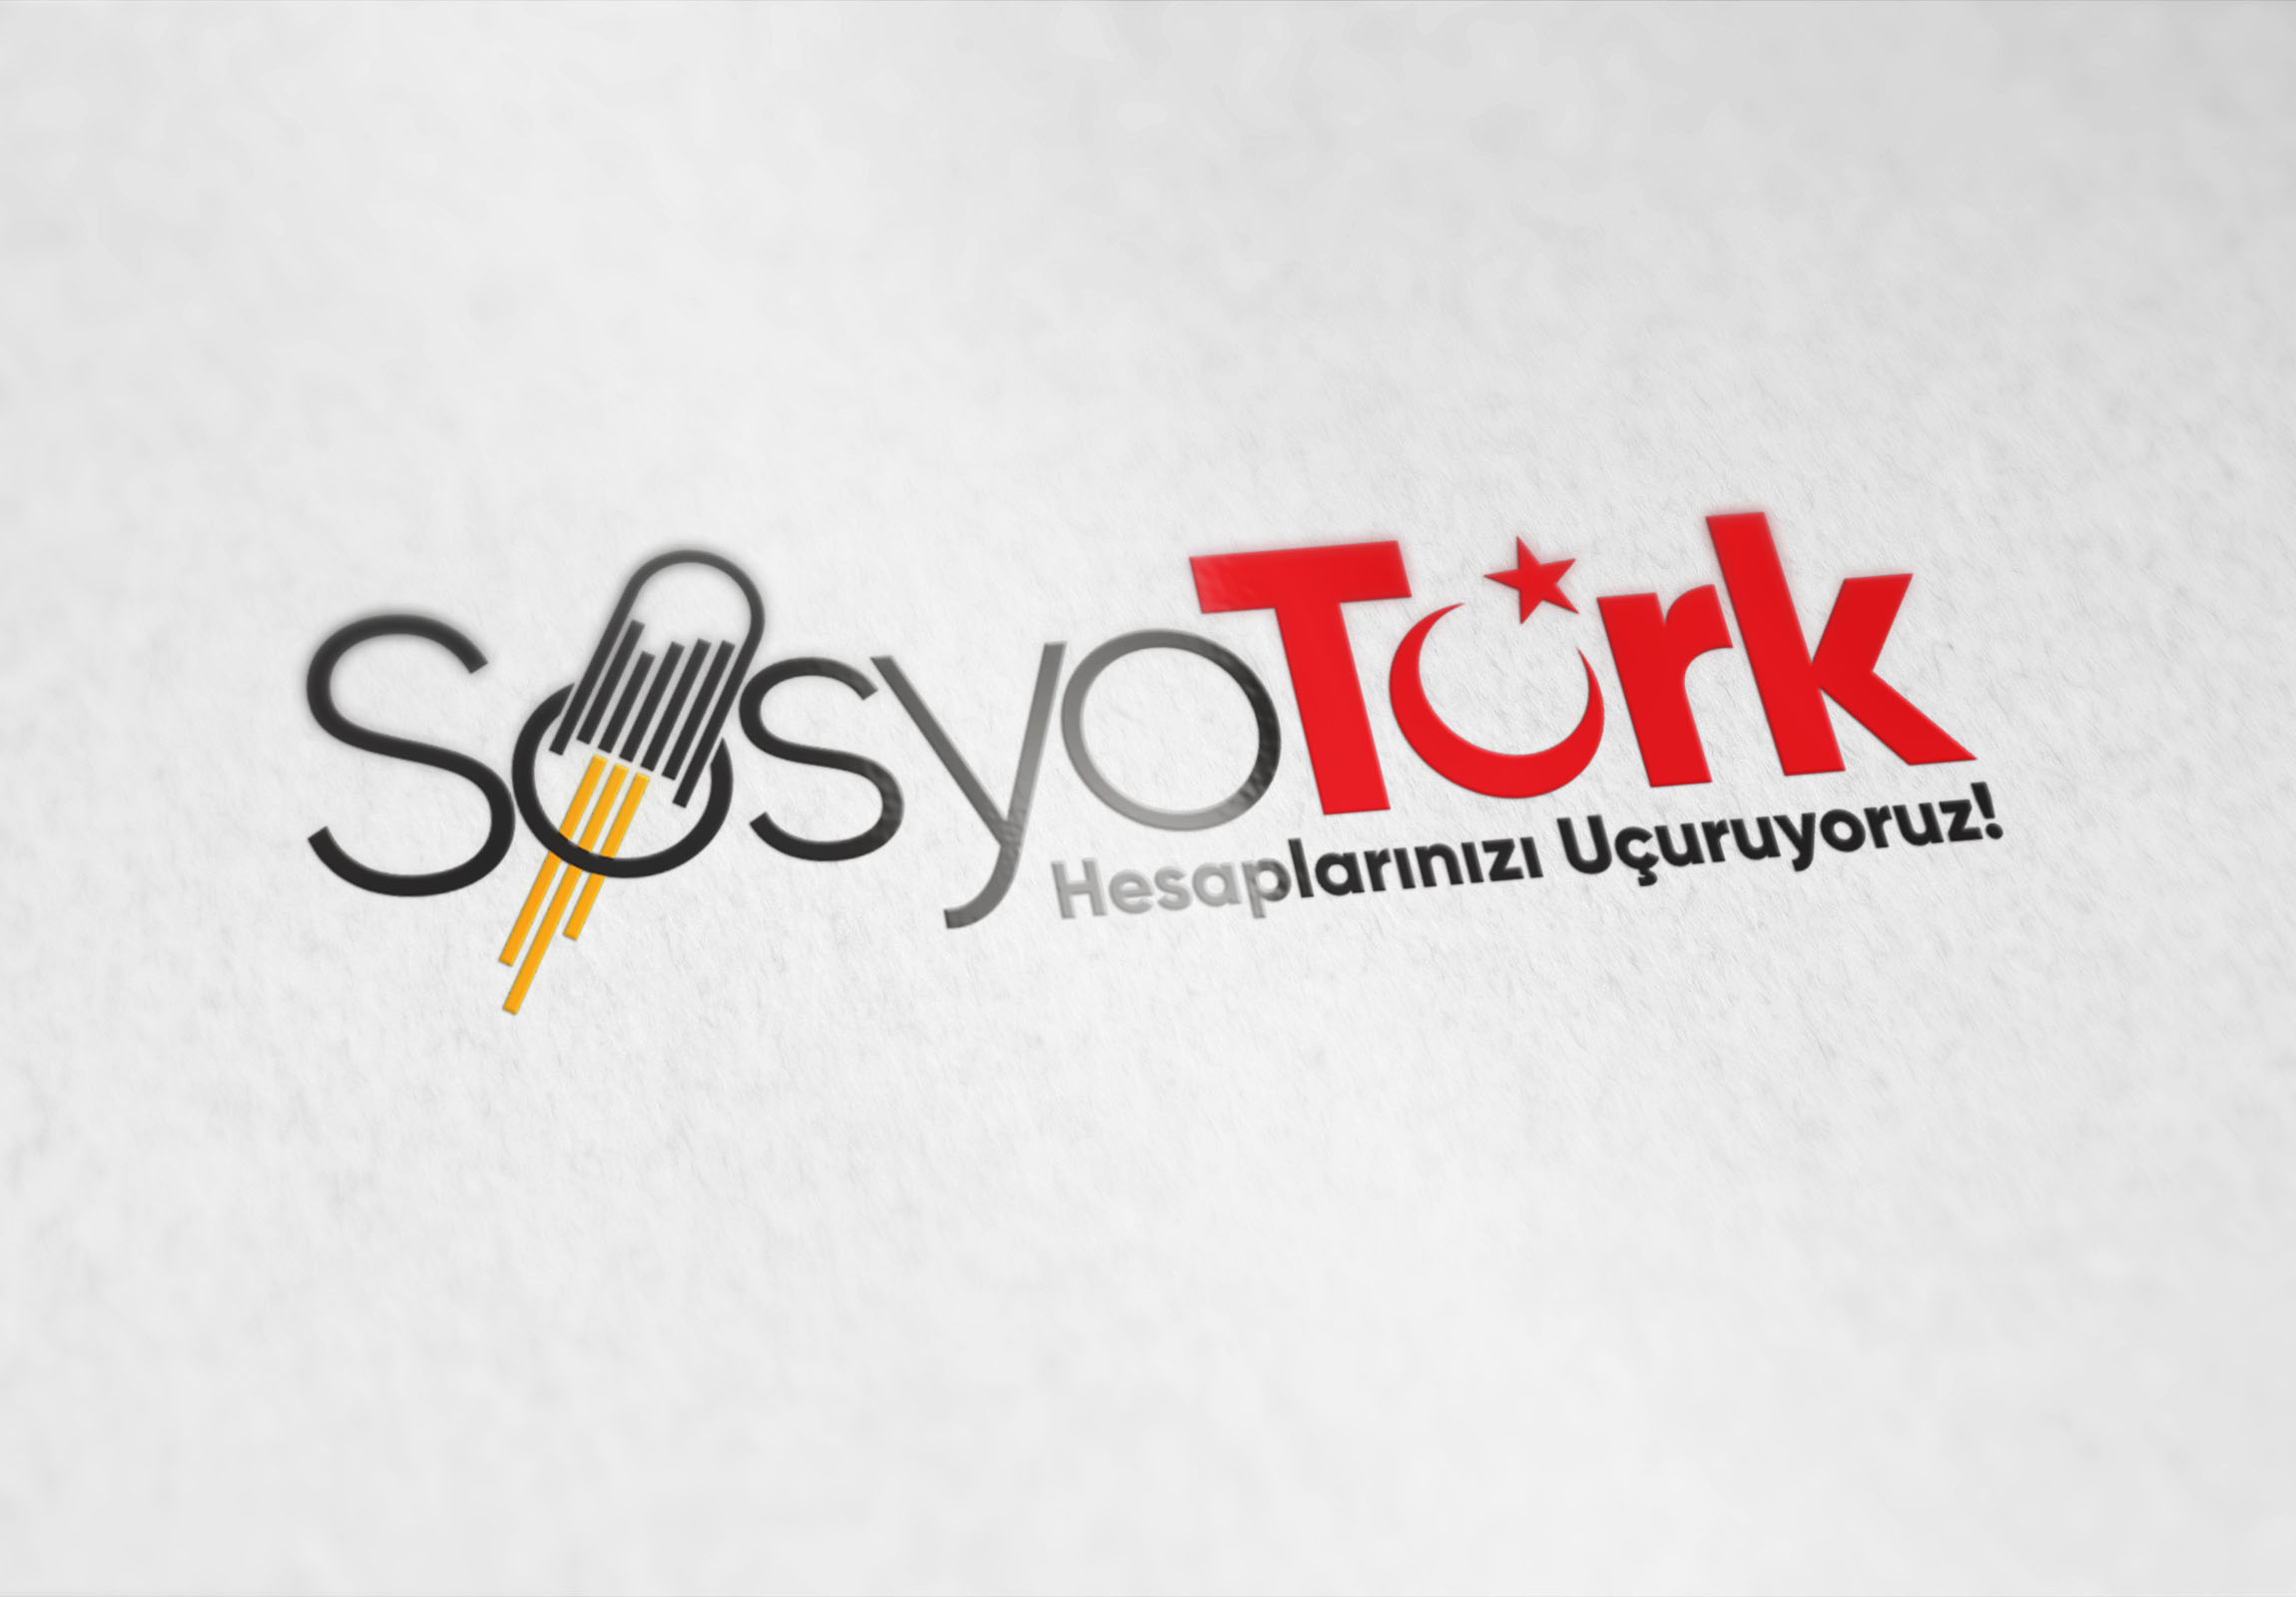 instagram takipci kasma 2020 en ucuz turk takipci satin al youtube Sosyoturk Instagram Takipci Hilesi Sosyoturk Medya